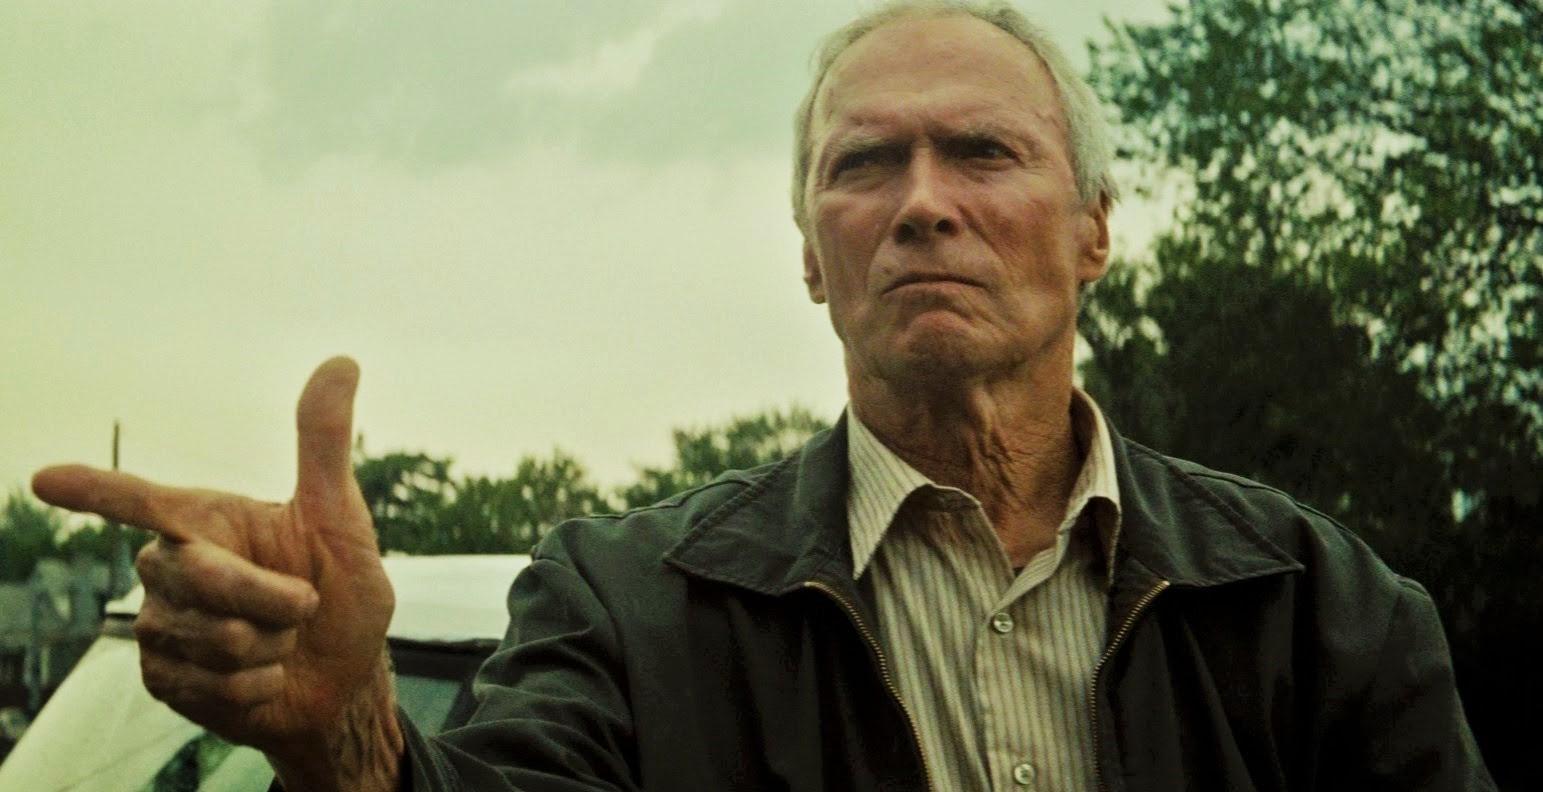 Трейлер наркодрамы «Мул» с Клинтом Иствудом